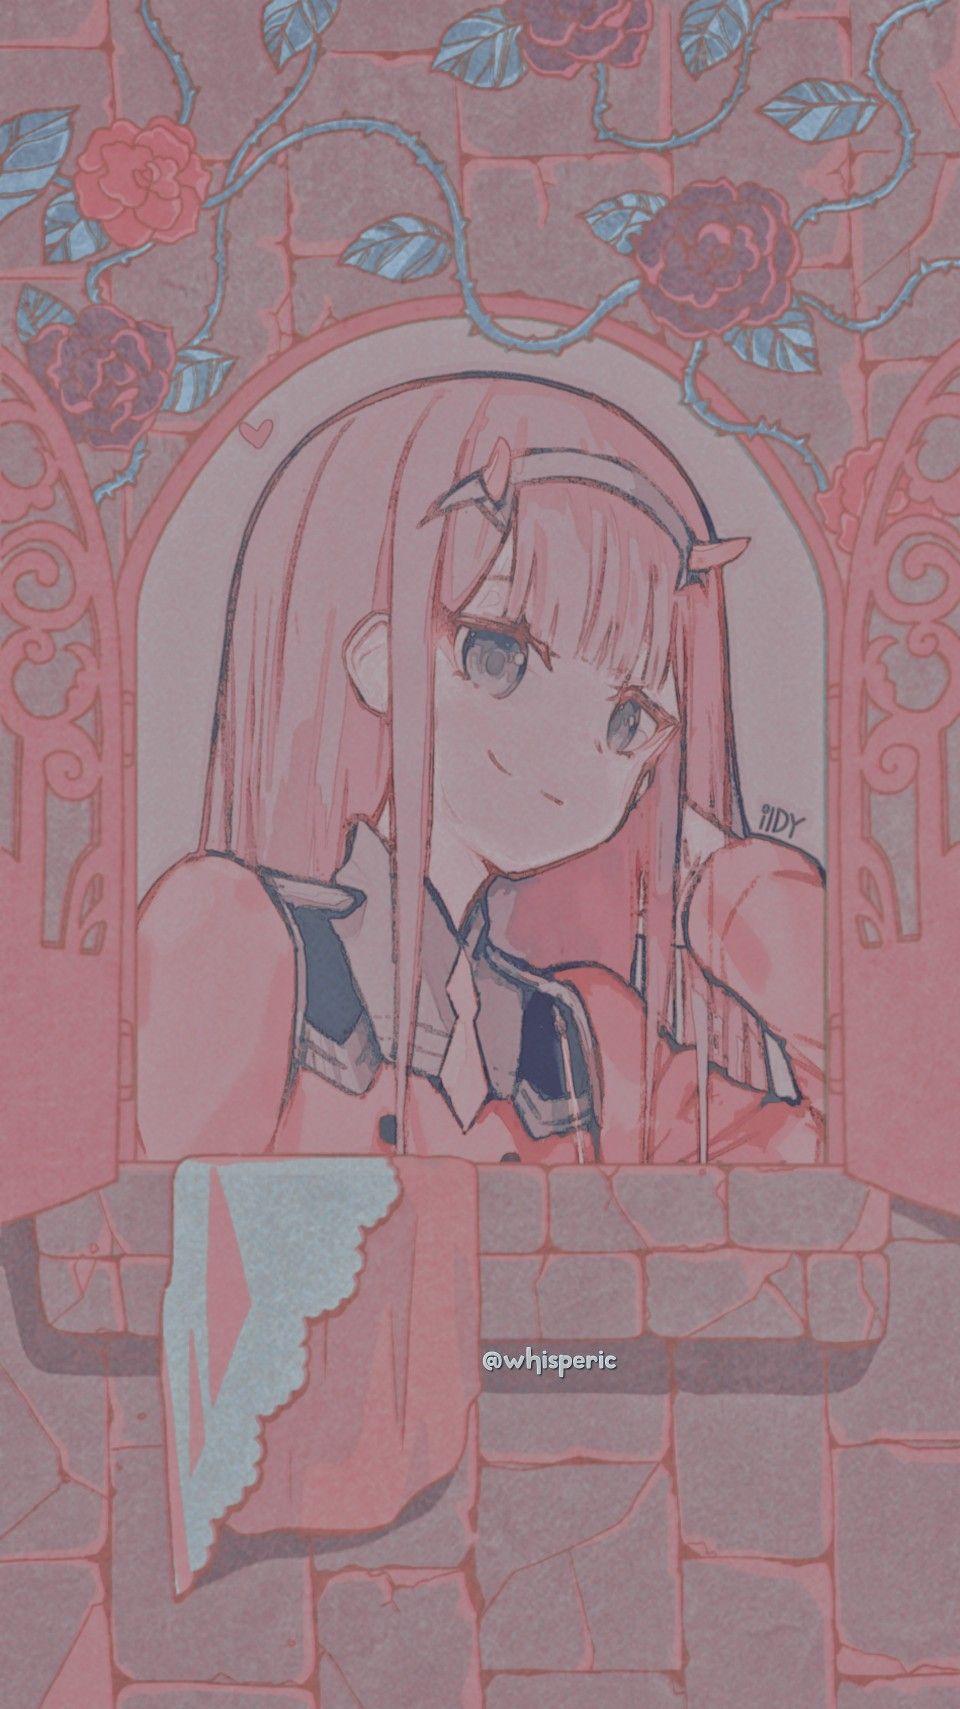 Whisper On Twitter In 2020 Anime Lock Screen Wallpapers Cute Anime Wallpaper Cute Anime Character